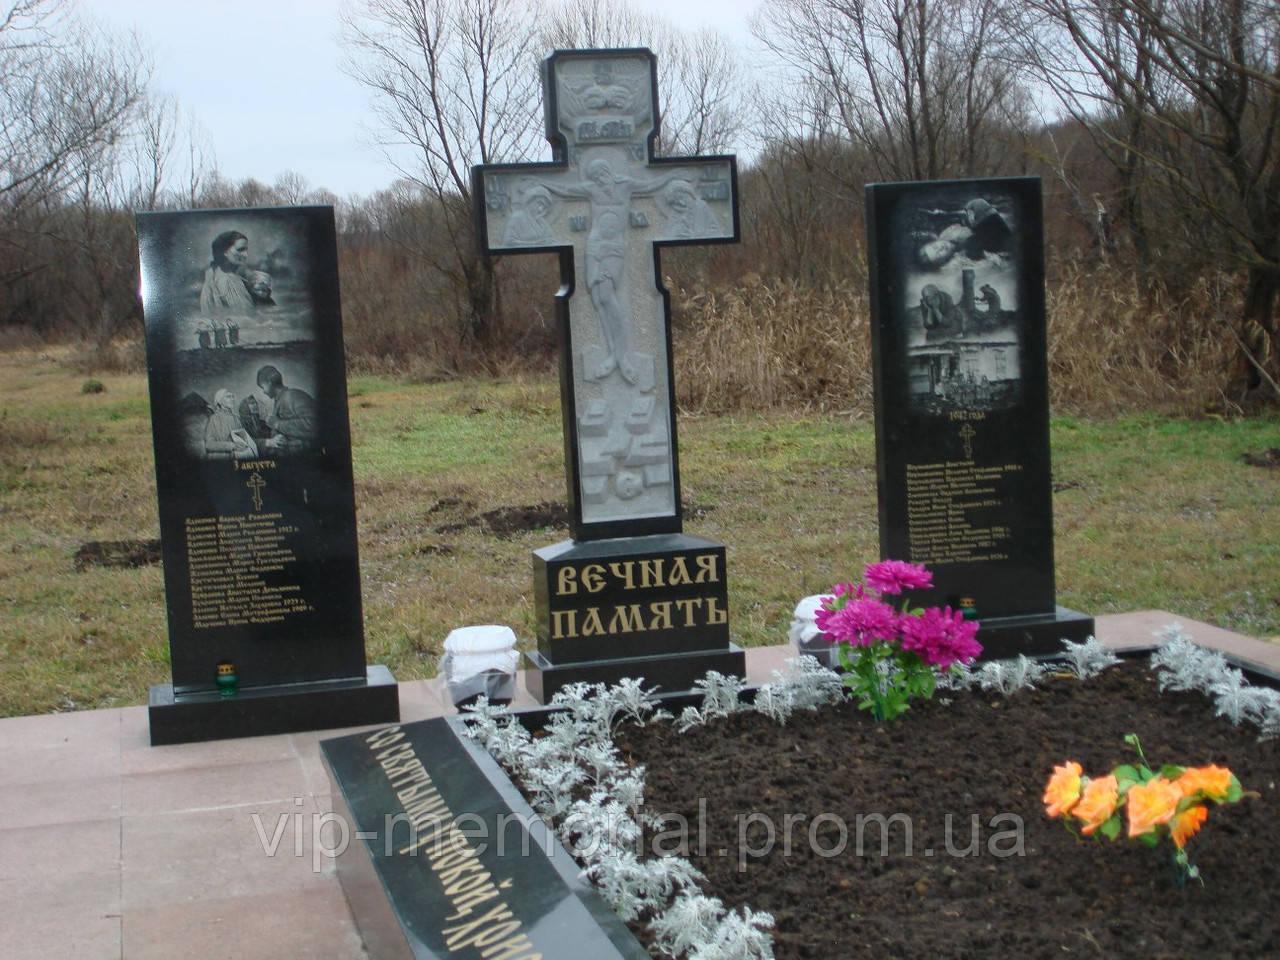 Мемориальный комплекс МК-87